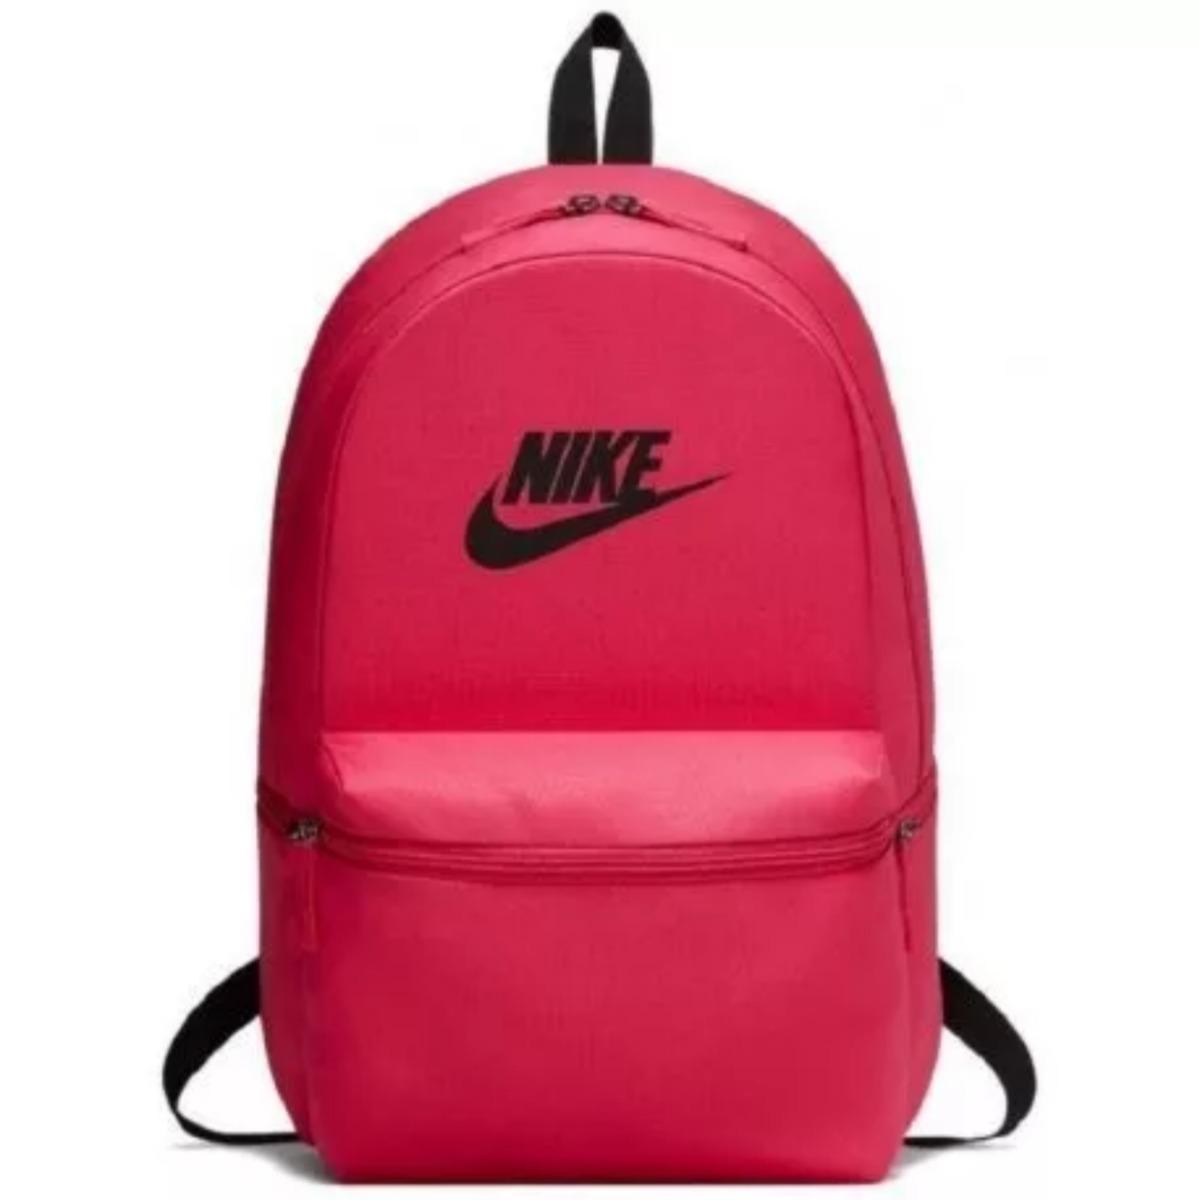 c875ba87c Mochila Nike Heritage Original Ba5749 - R$ 159,90 em Mercado Livre